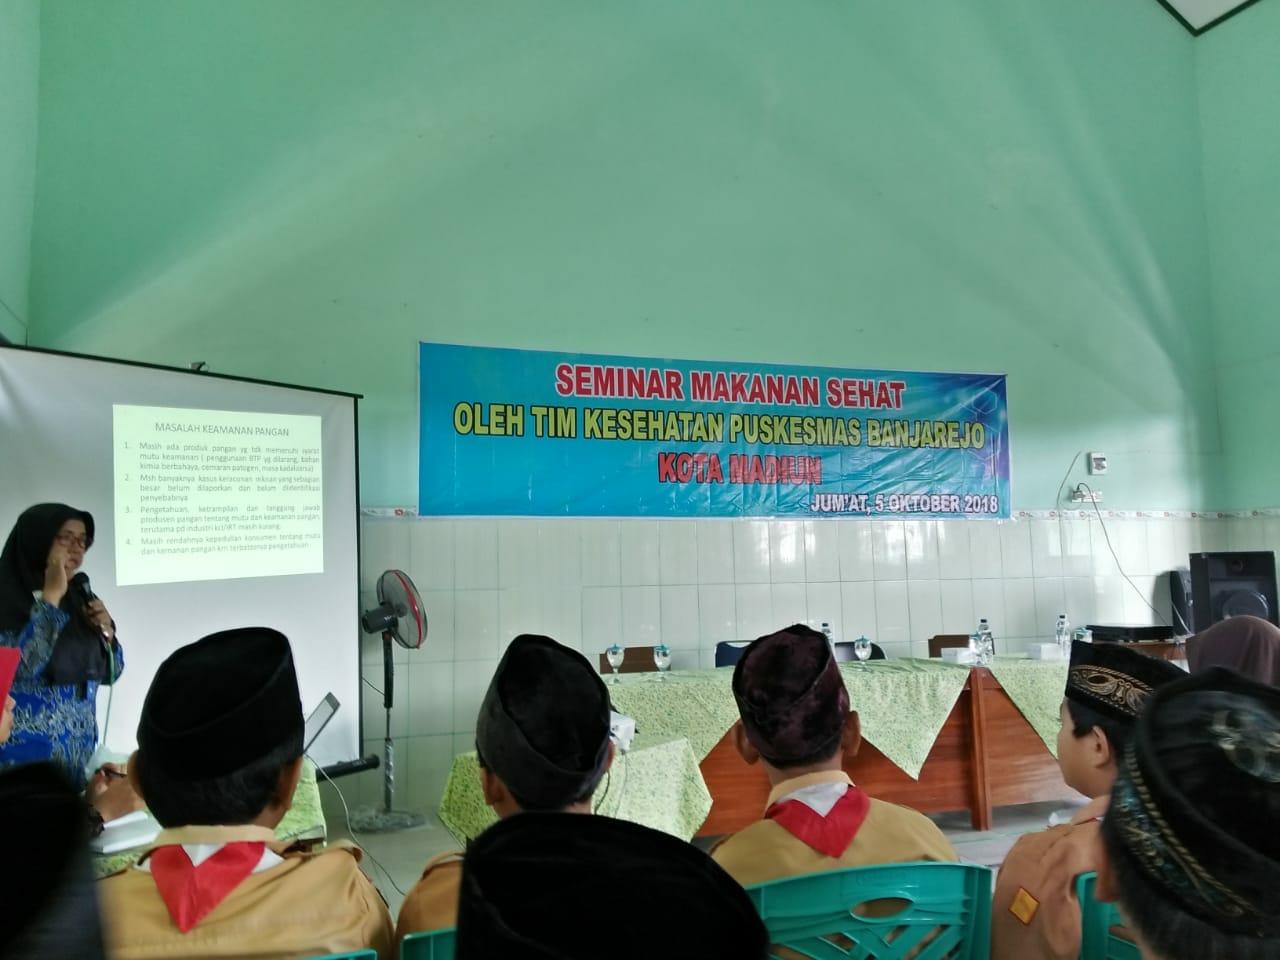 Seminar Makanan Sehat MIN 2 Kota Madiun